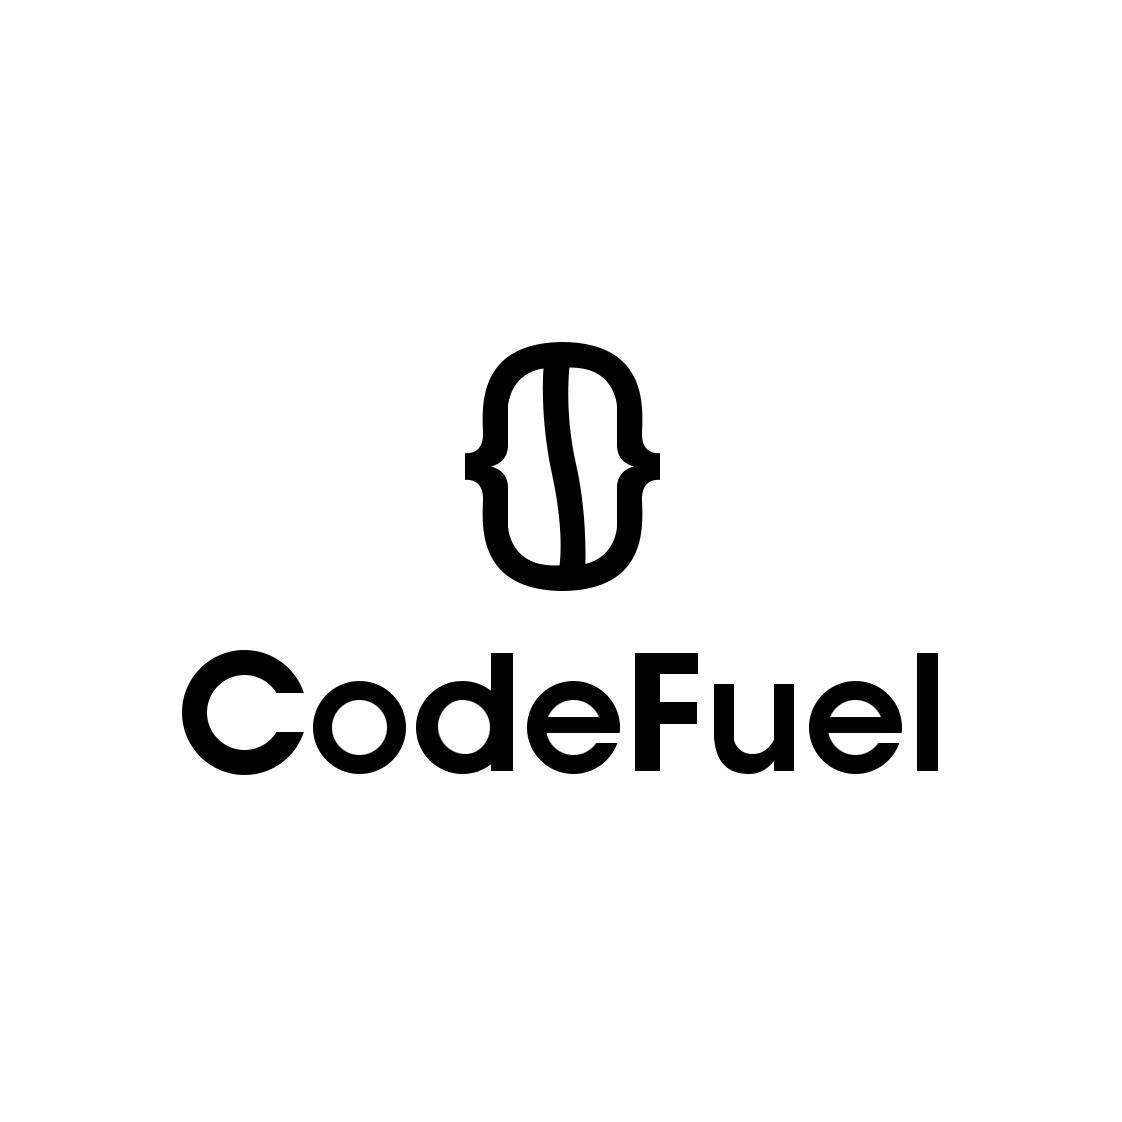 转让365棋牌兑换绑定卡_365棋牌注册送18元的_365棋牌下载手机版-CODEFUEL